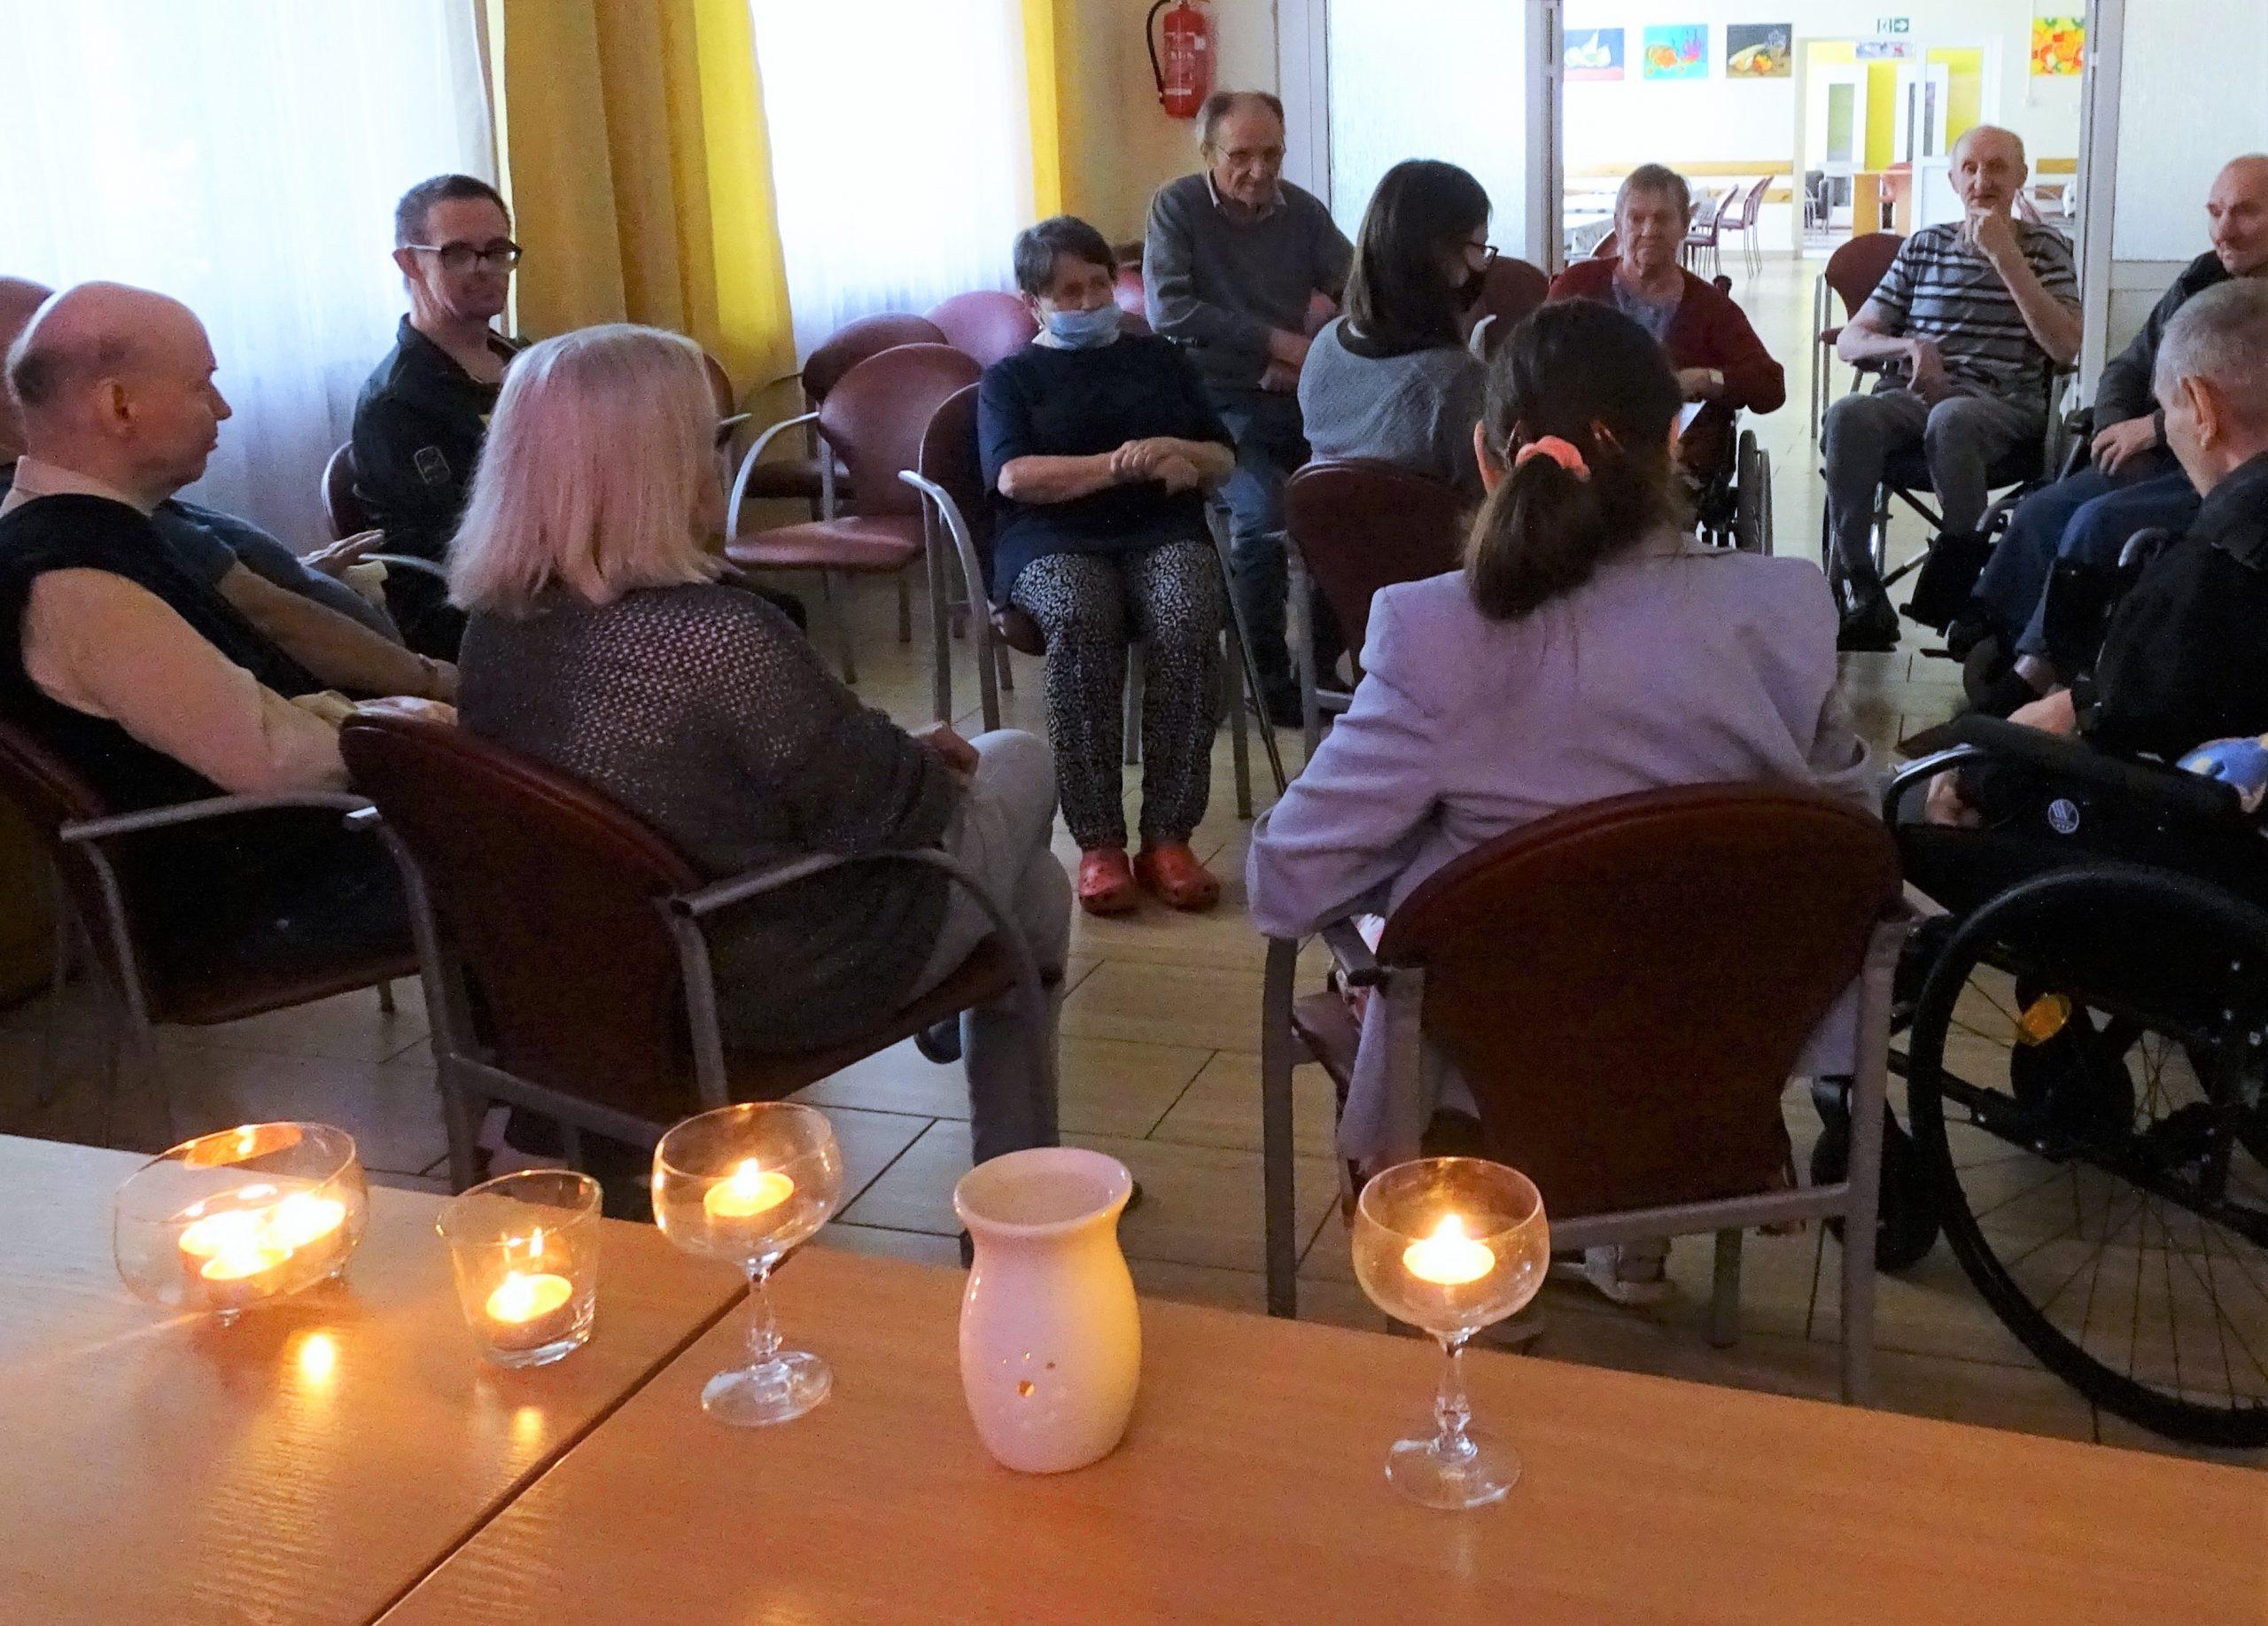 na pierwszym planie zdjęcia świeczniki, w tle seniorzy biorący udział w warsztatach relaksacyjnych